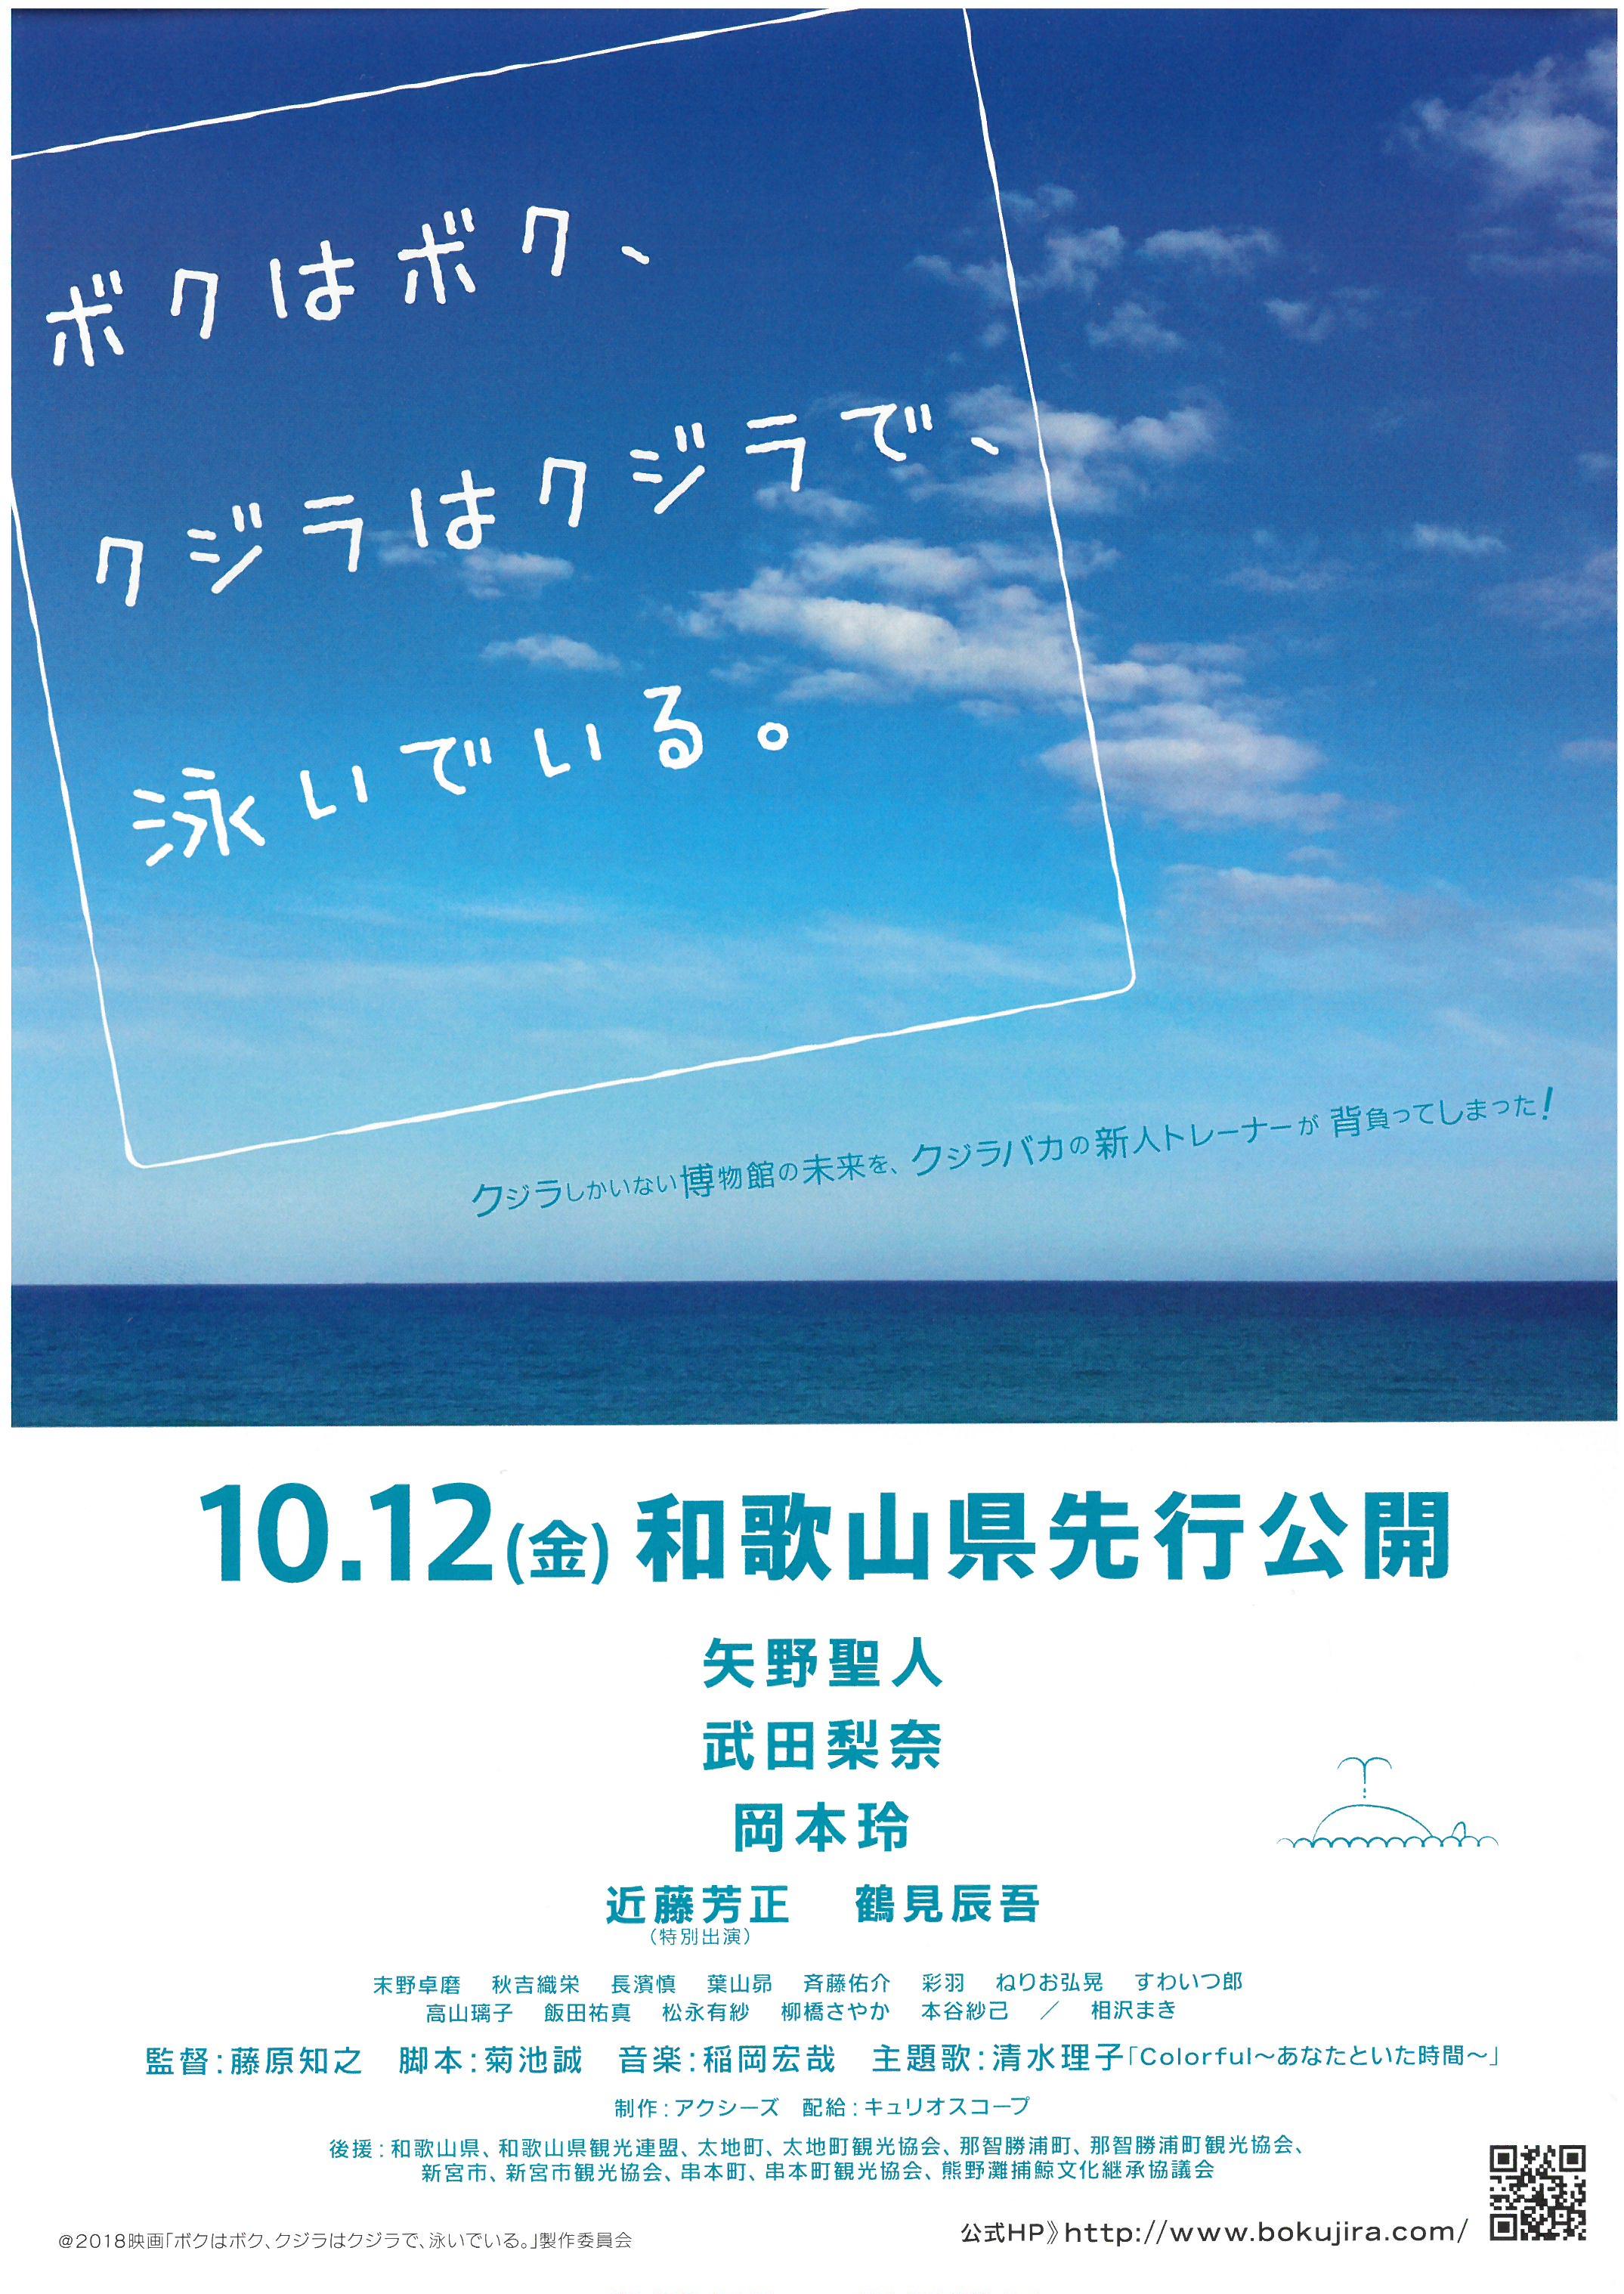 映画「ボクはボク、クジラはクジラで、泳いでいる」特別鑑賞券販売中